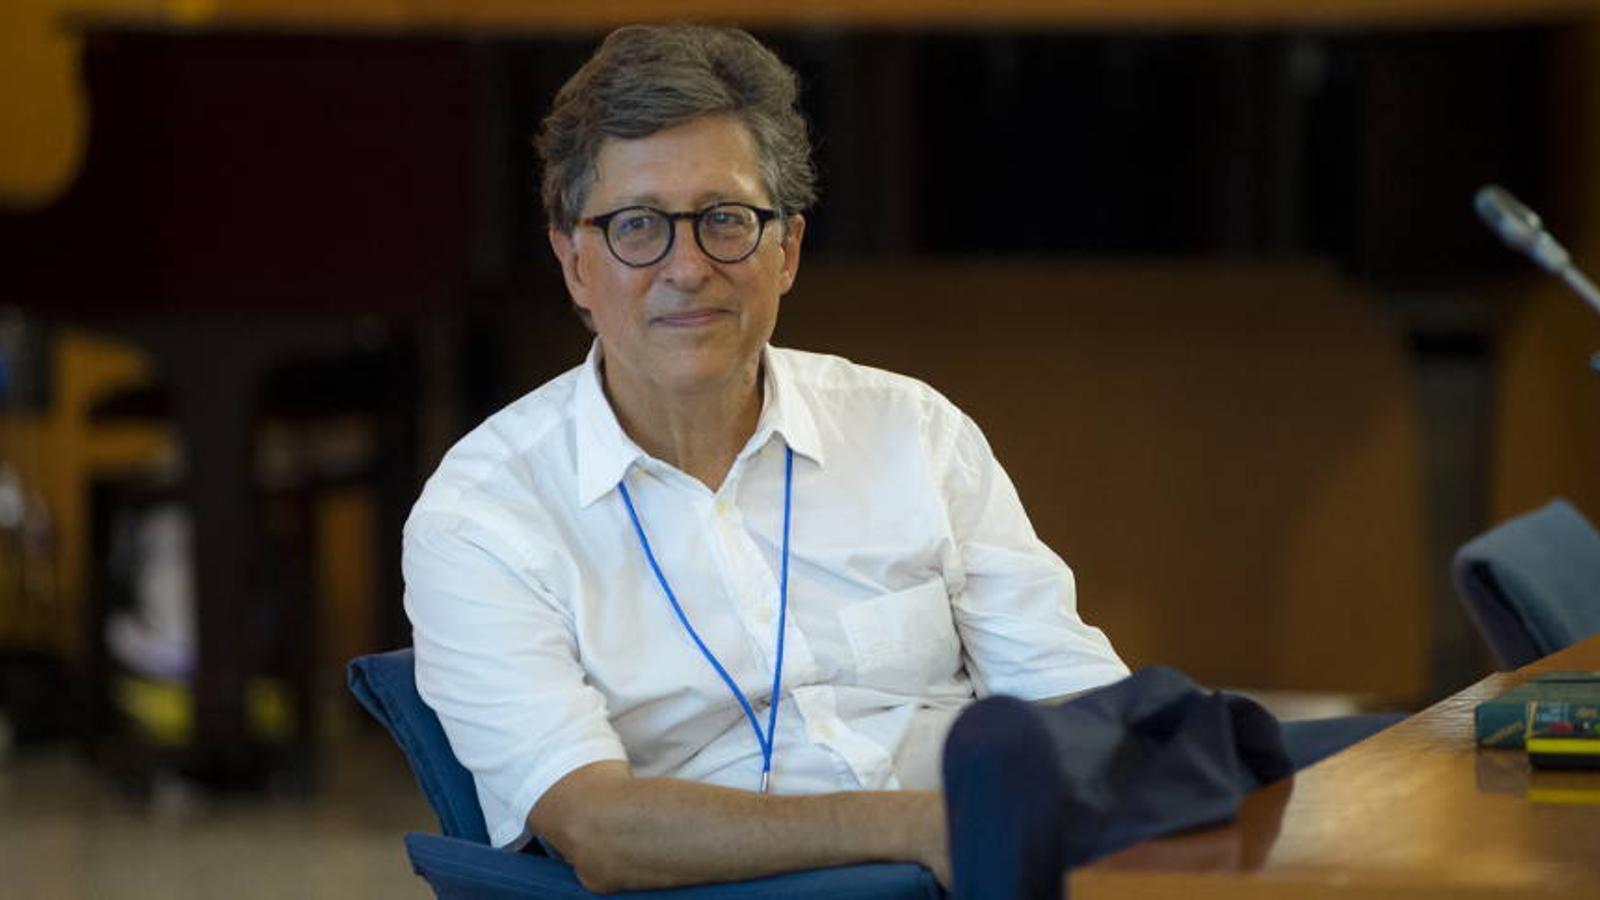 L'investigador d'ISGlobal Manolis Kogevinas, premi John Goldsmith pel seu treball en epidemiologia ambiental